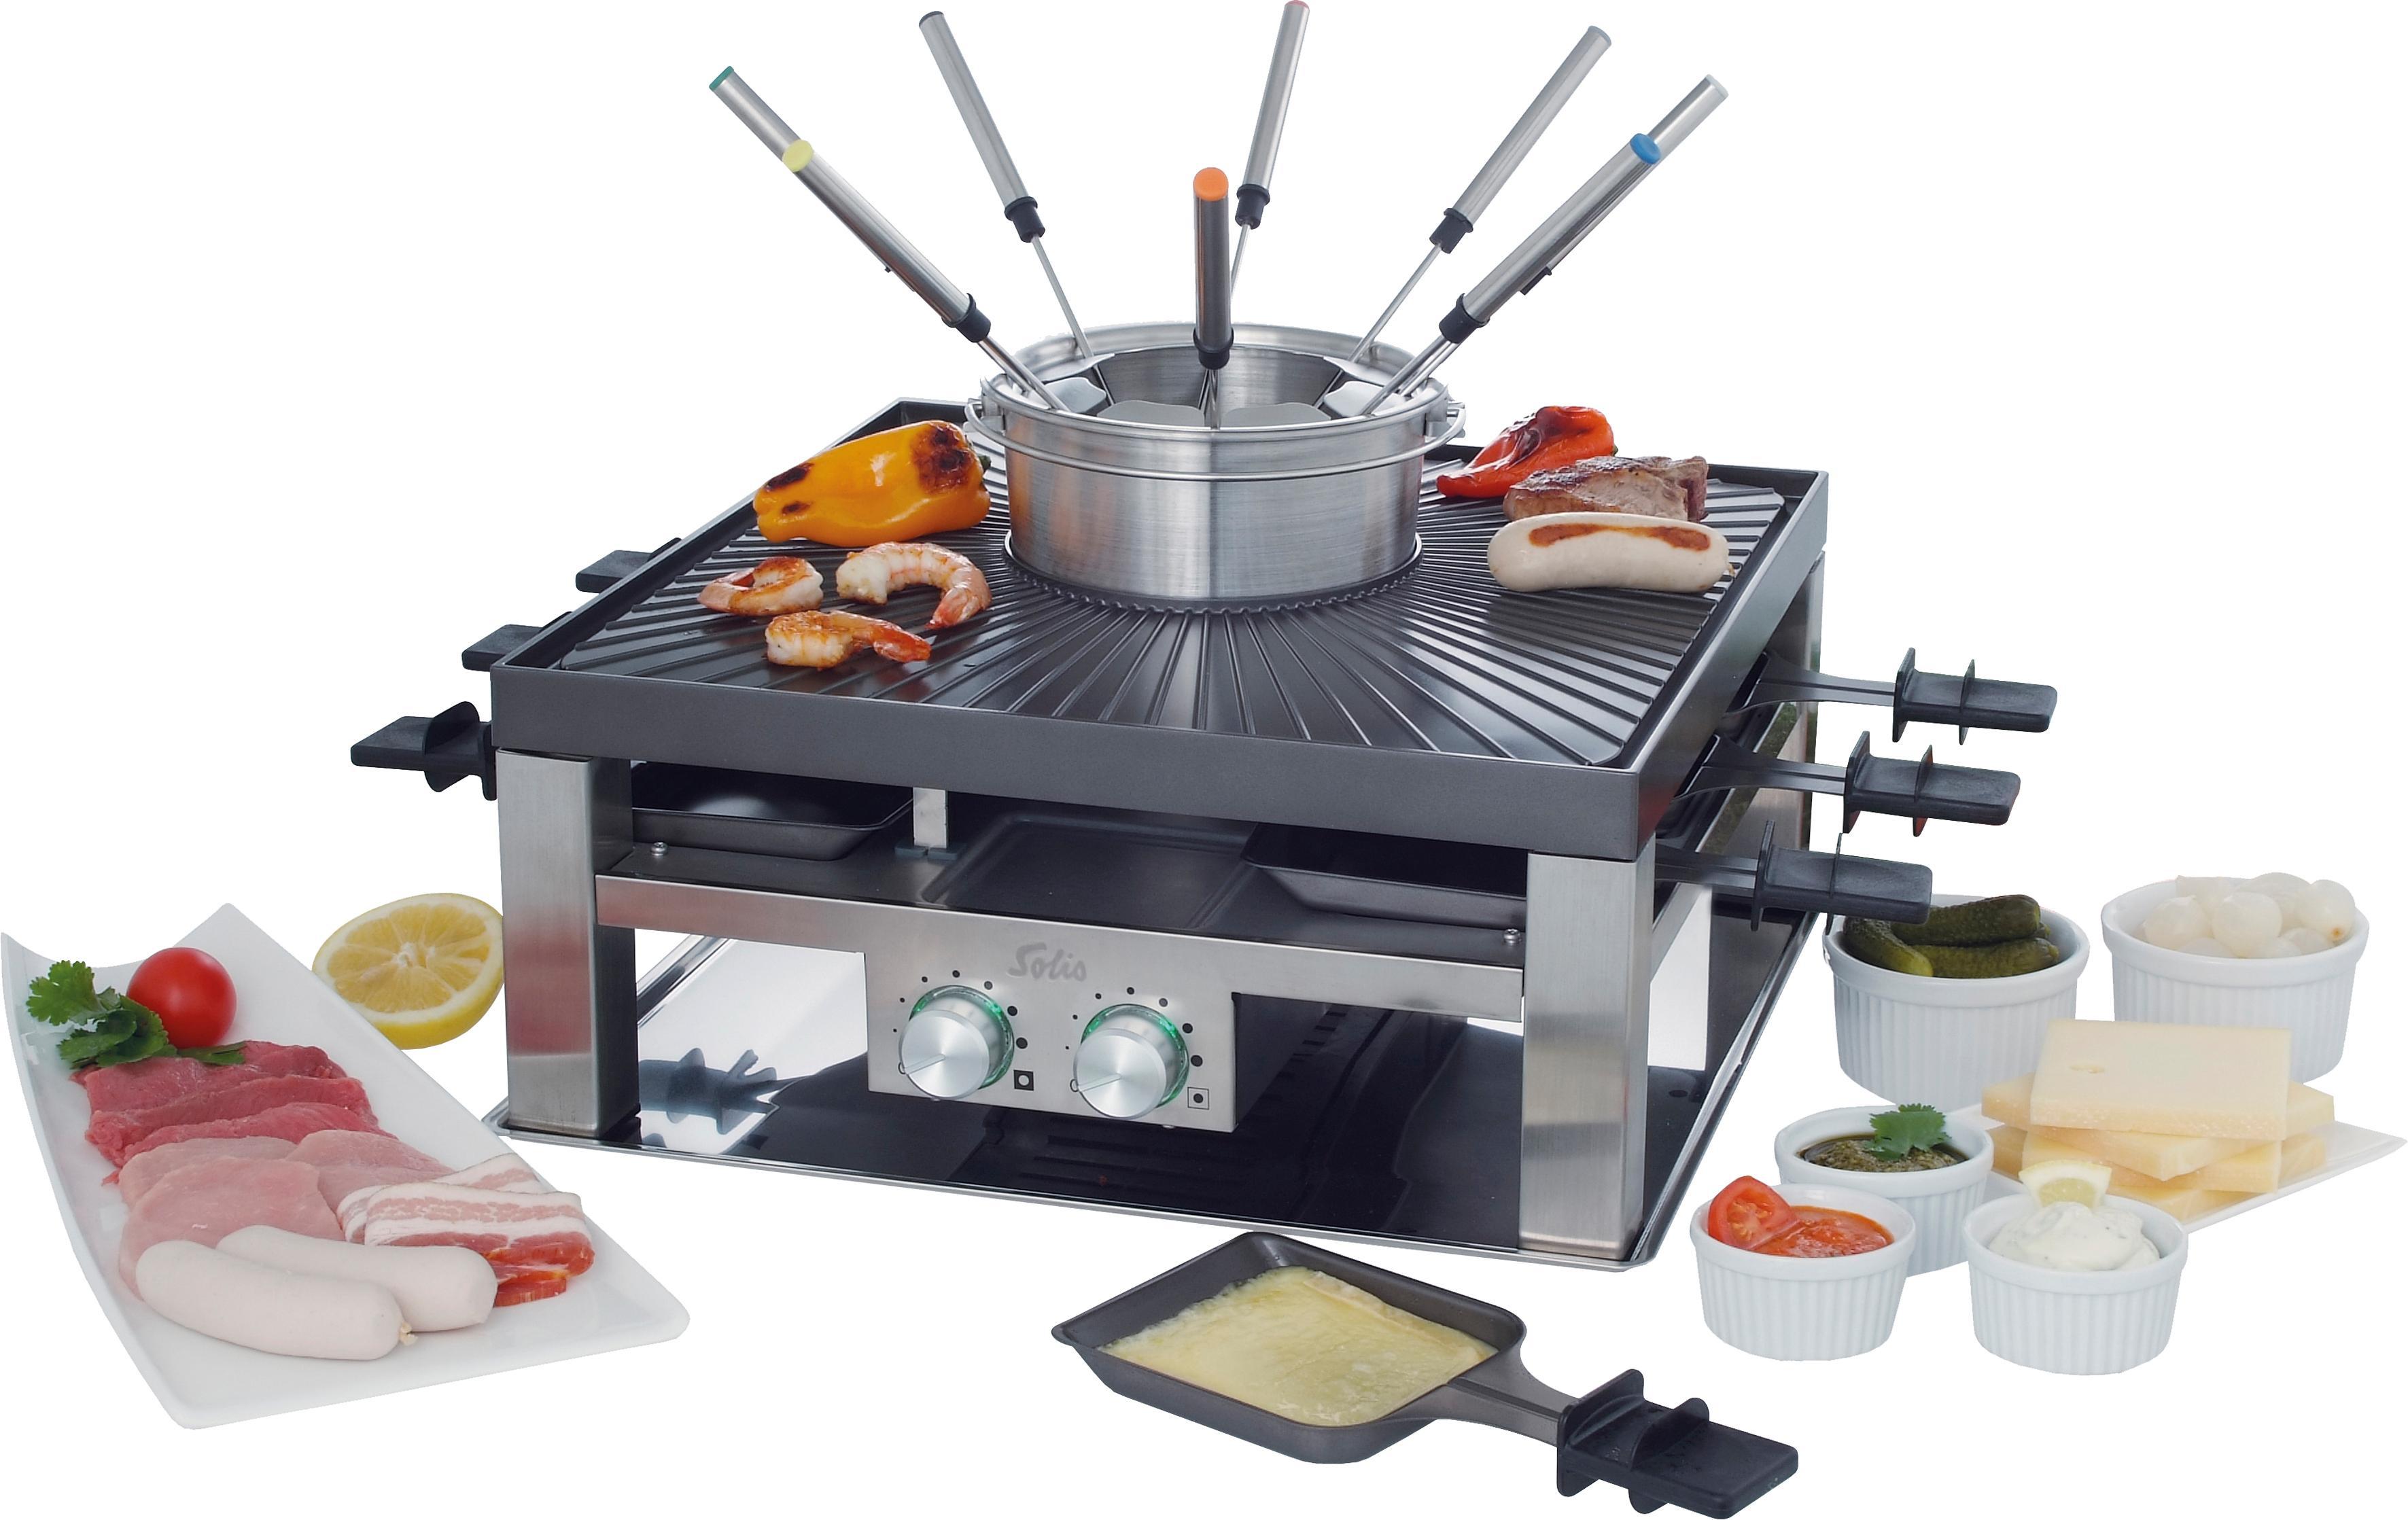 Weber Elektrogrill Media Markt : Elektro grill preisvergleich u2022 die besten angebote online kaufen